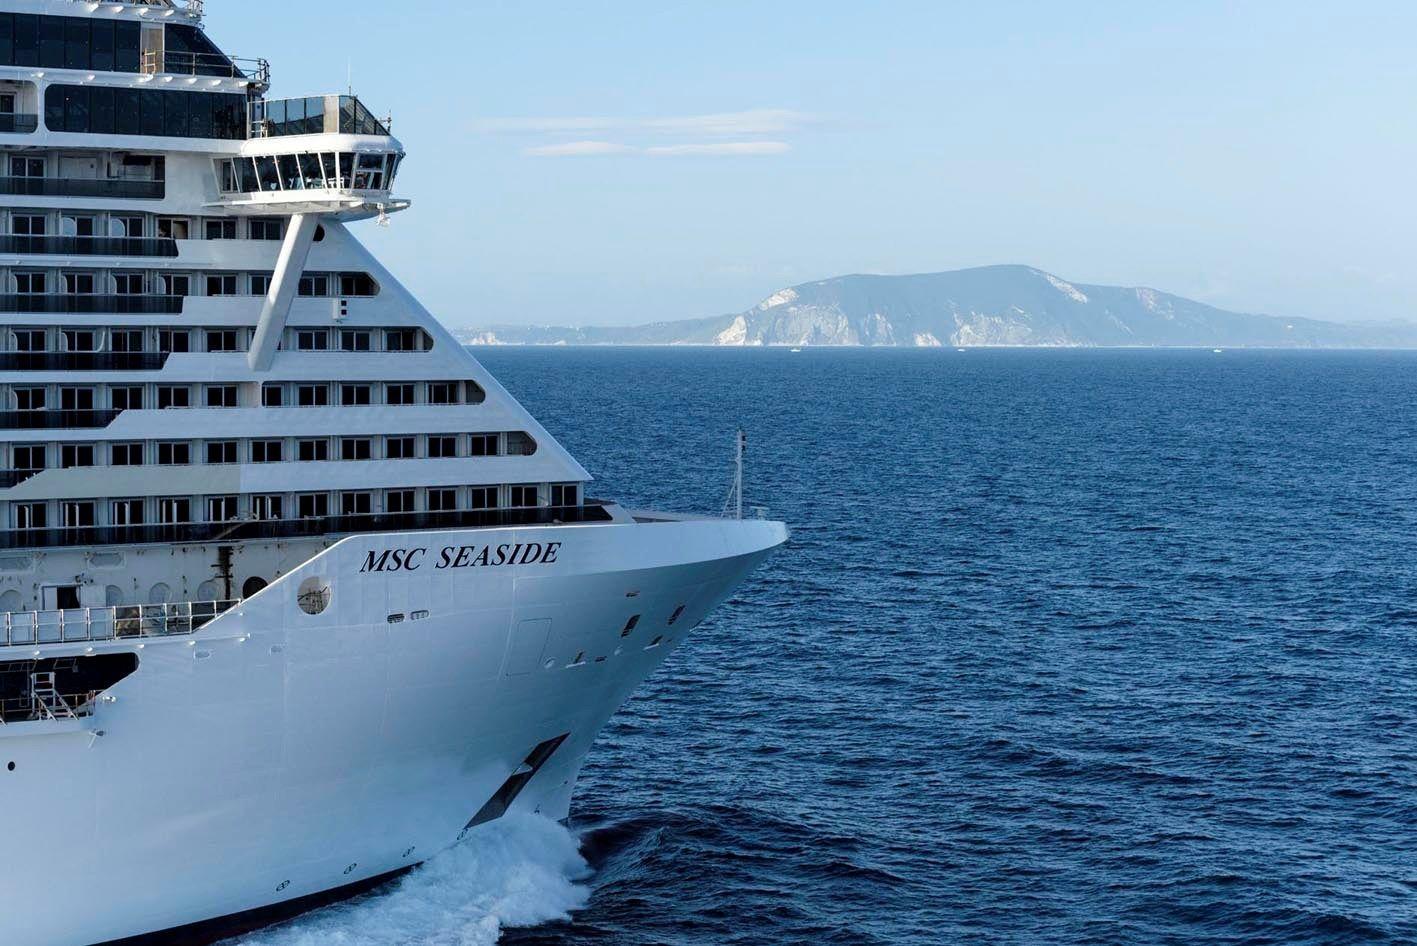 La tecnologia Made in Vimar a bordo della nave dei record